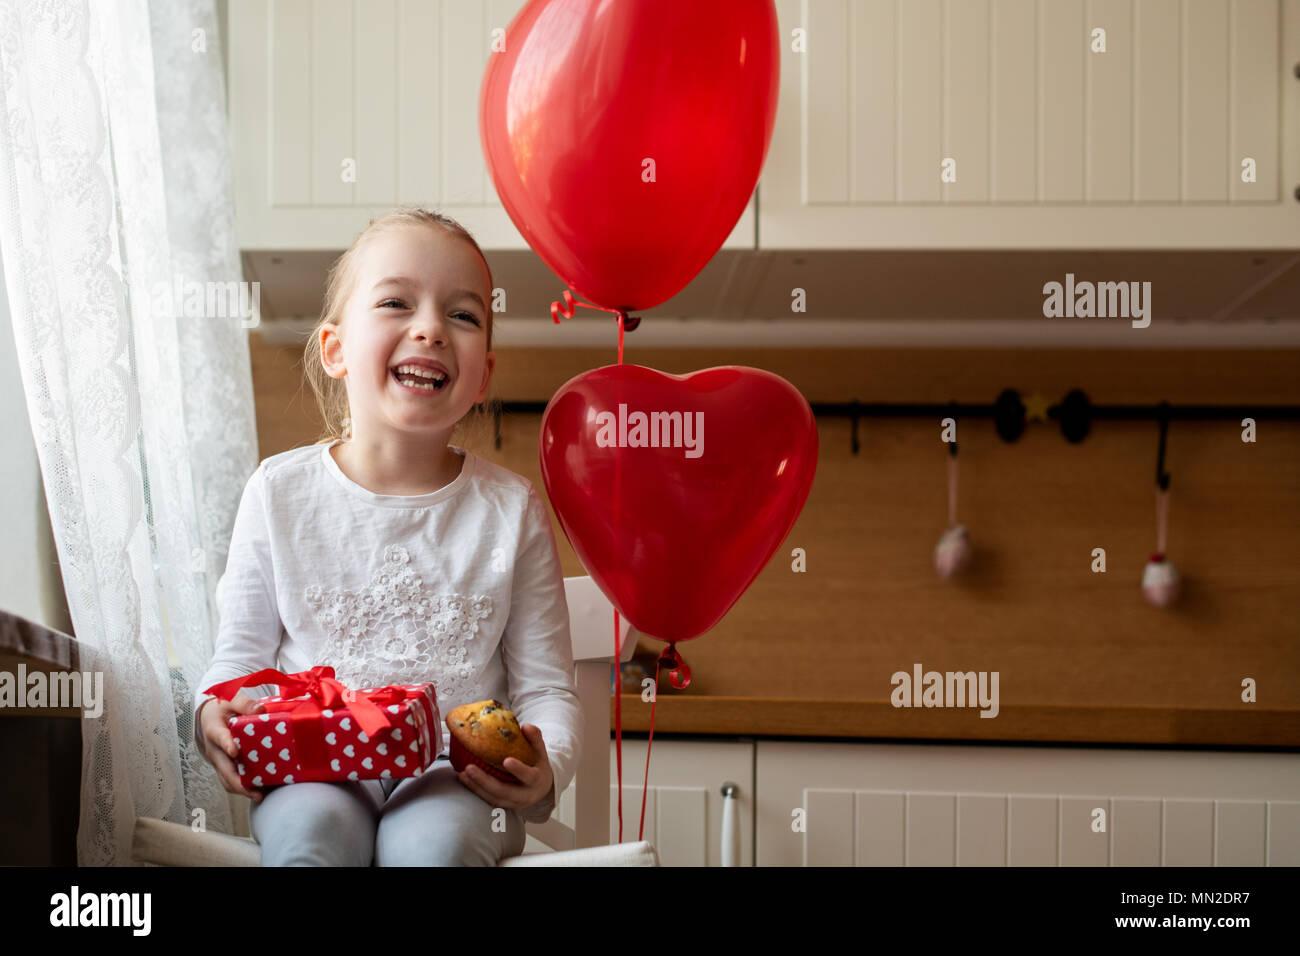 Lindo niño niña celebrando el 6º cumpleaños. Chica sujetando su cumpleaños cupcake y bellamente envuelto presente, sentado rodeado de globos. Imagen De Stock